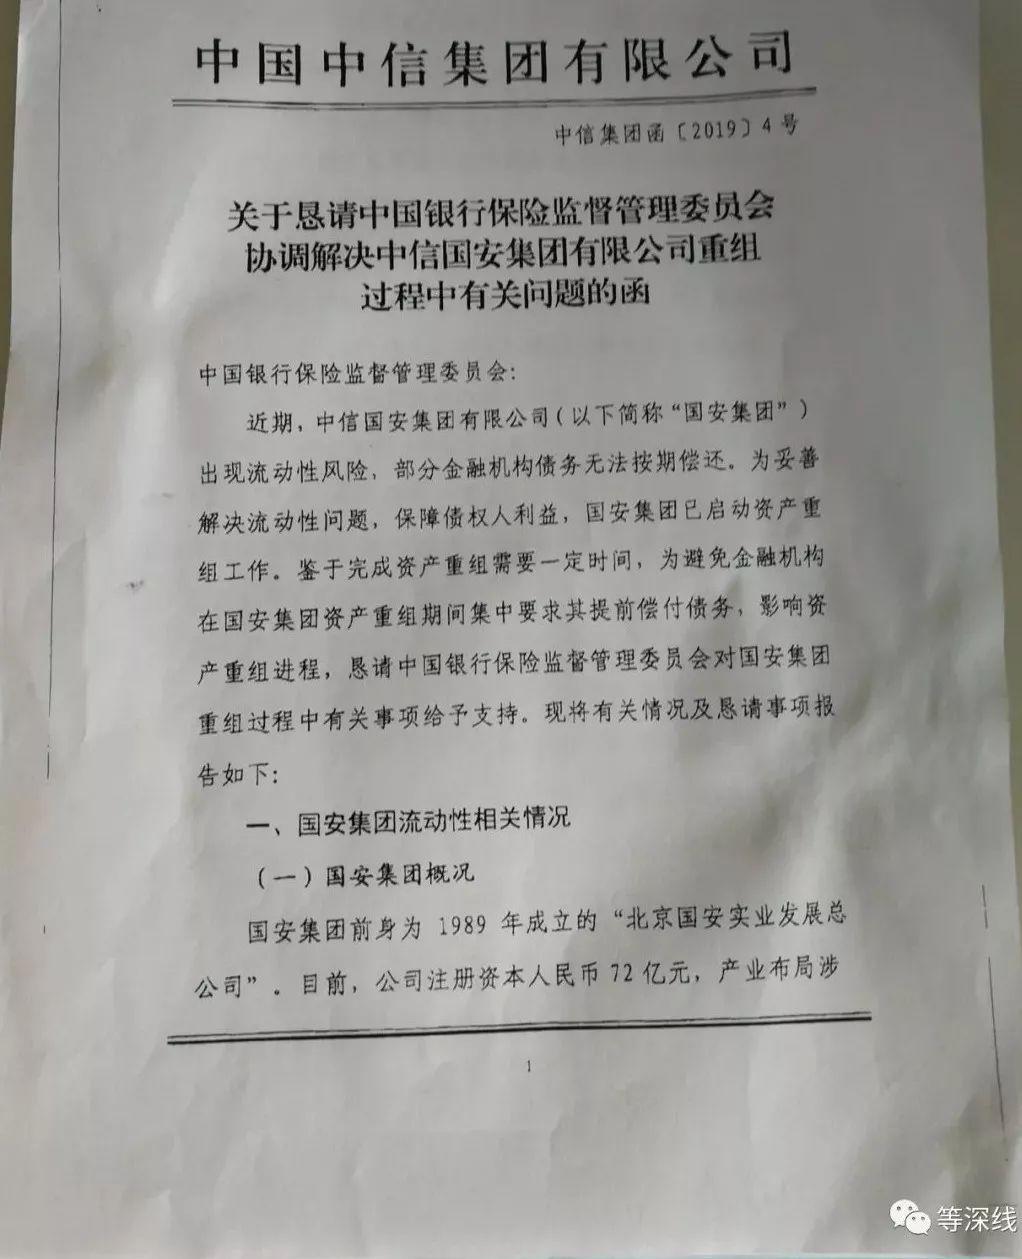 中信国安相关汇报材料 记者 李超 摄影